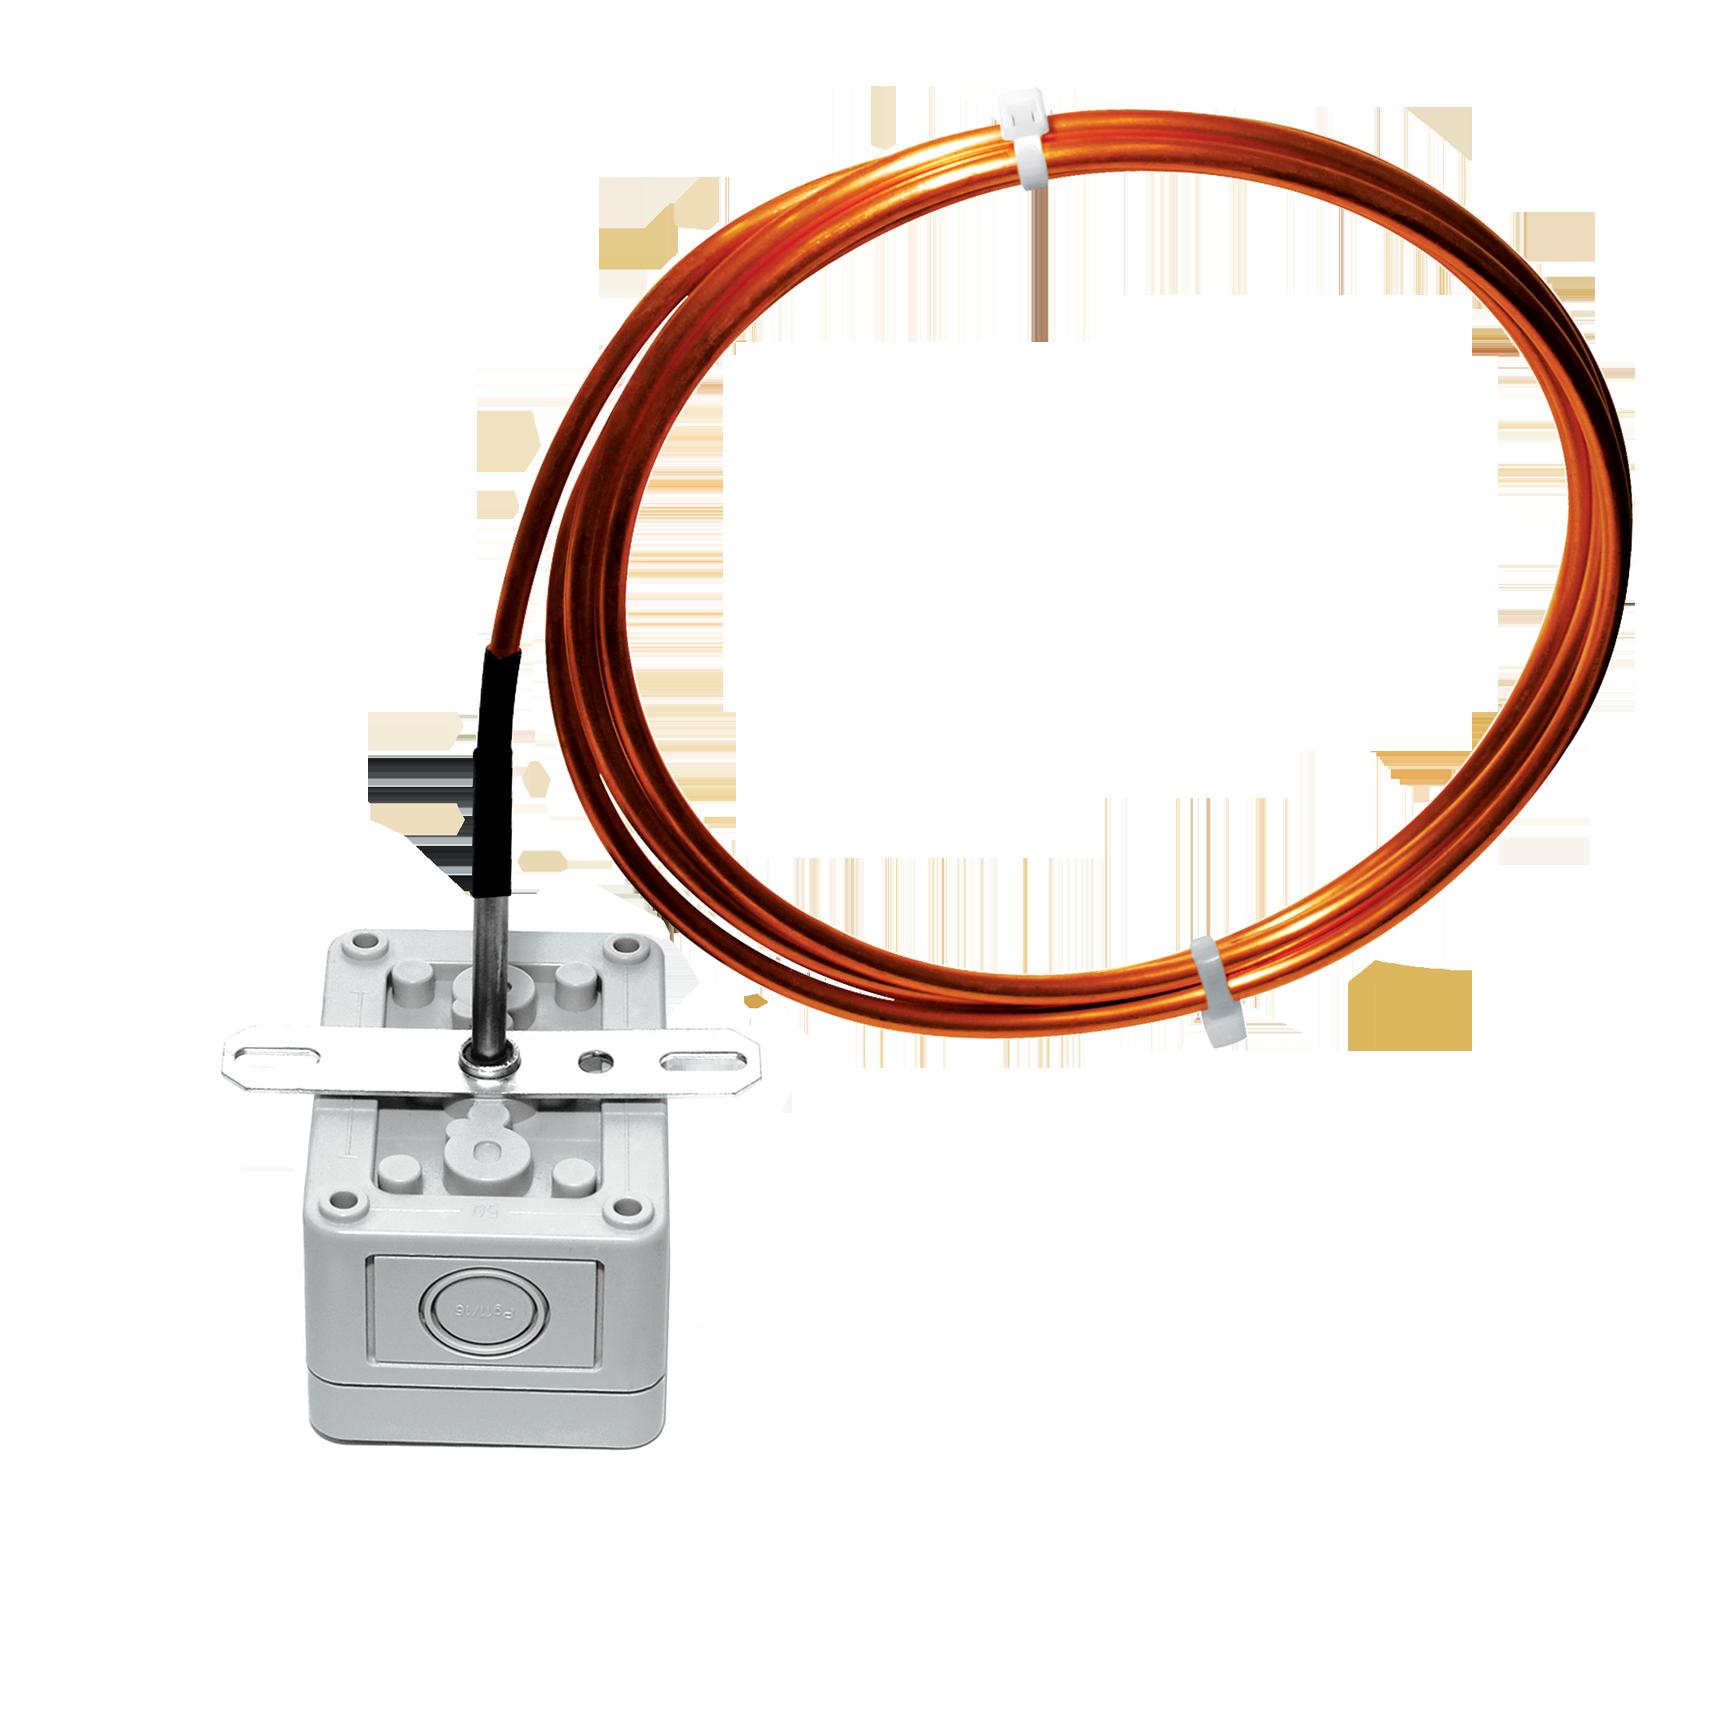 ACI A/AN-A-24'-4X Averaging Temperature Sensor